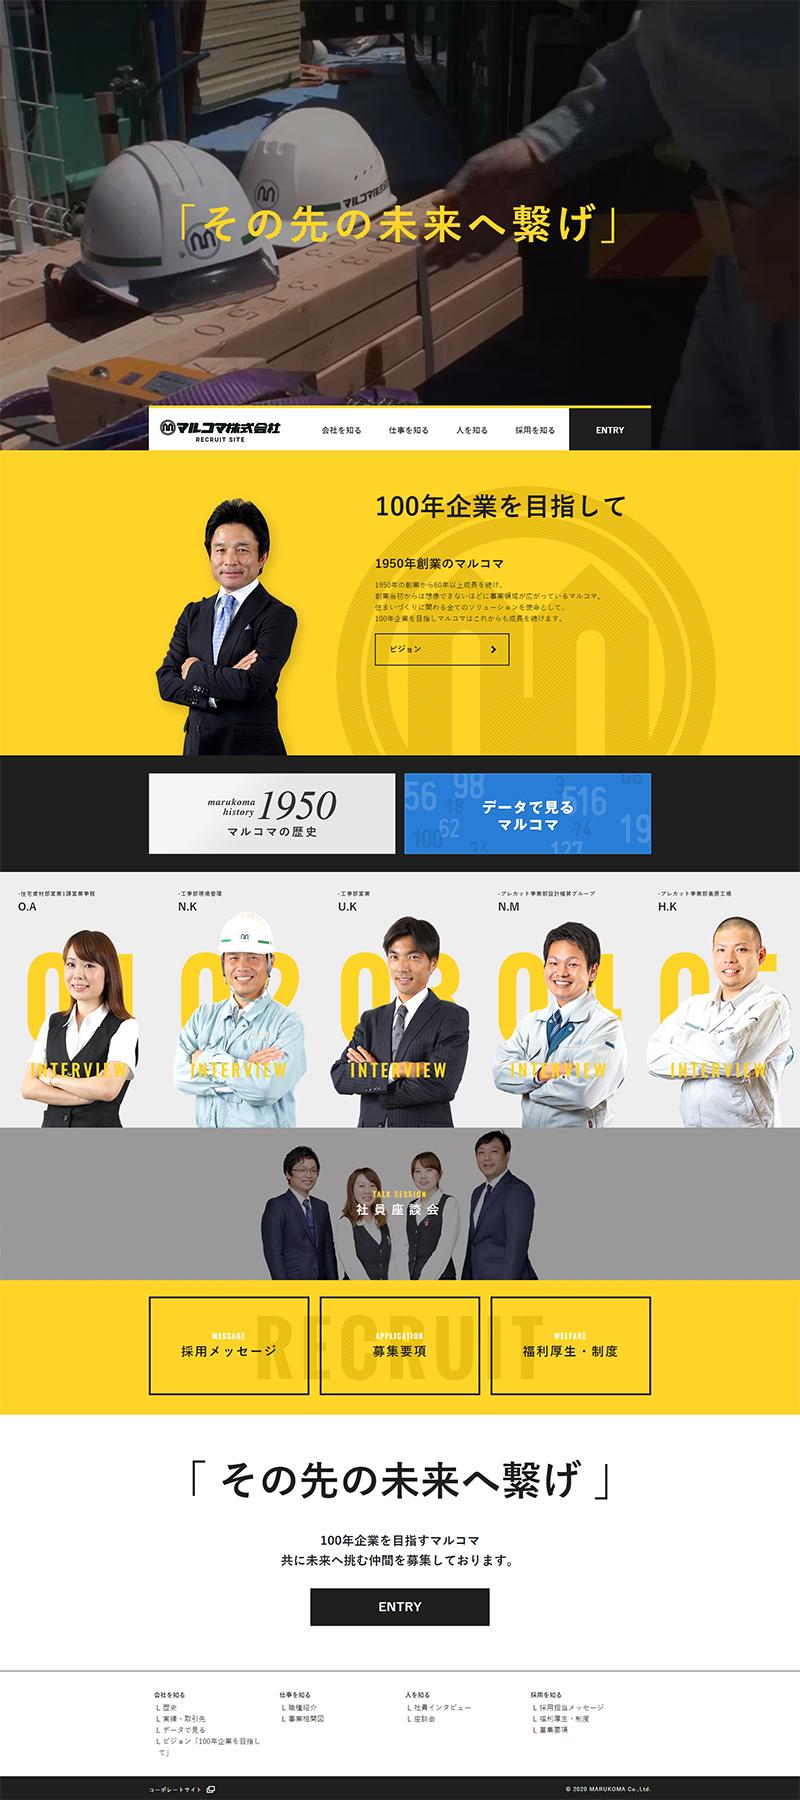 ホームページ制作実績マルコマ株式会社様 リクルートサイト